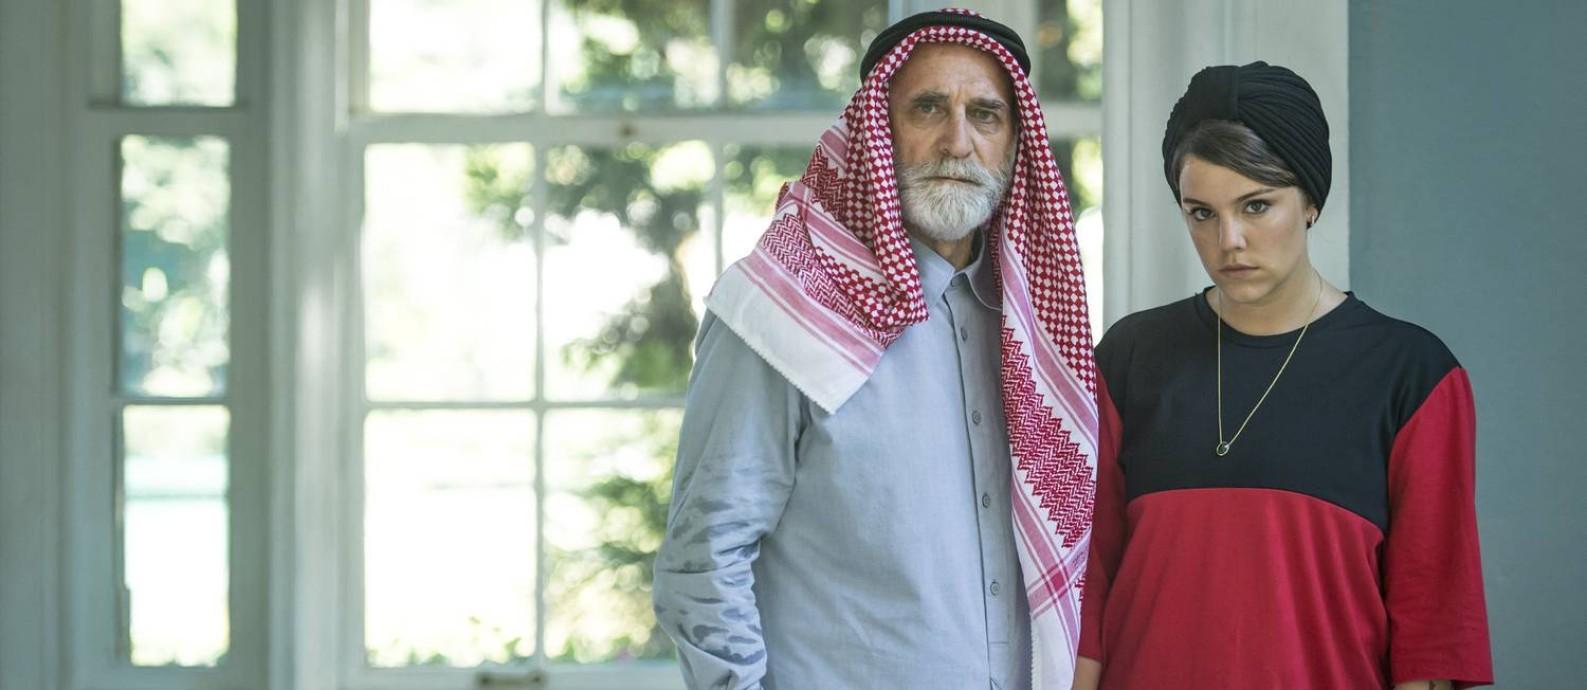 'Órfãos da terra': Herson Capri e Alice Wegmann como os vilões Aziz e Dalila Foto: Mauricio Fidalgo / TV Globo